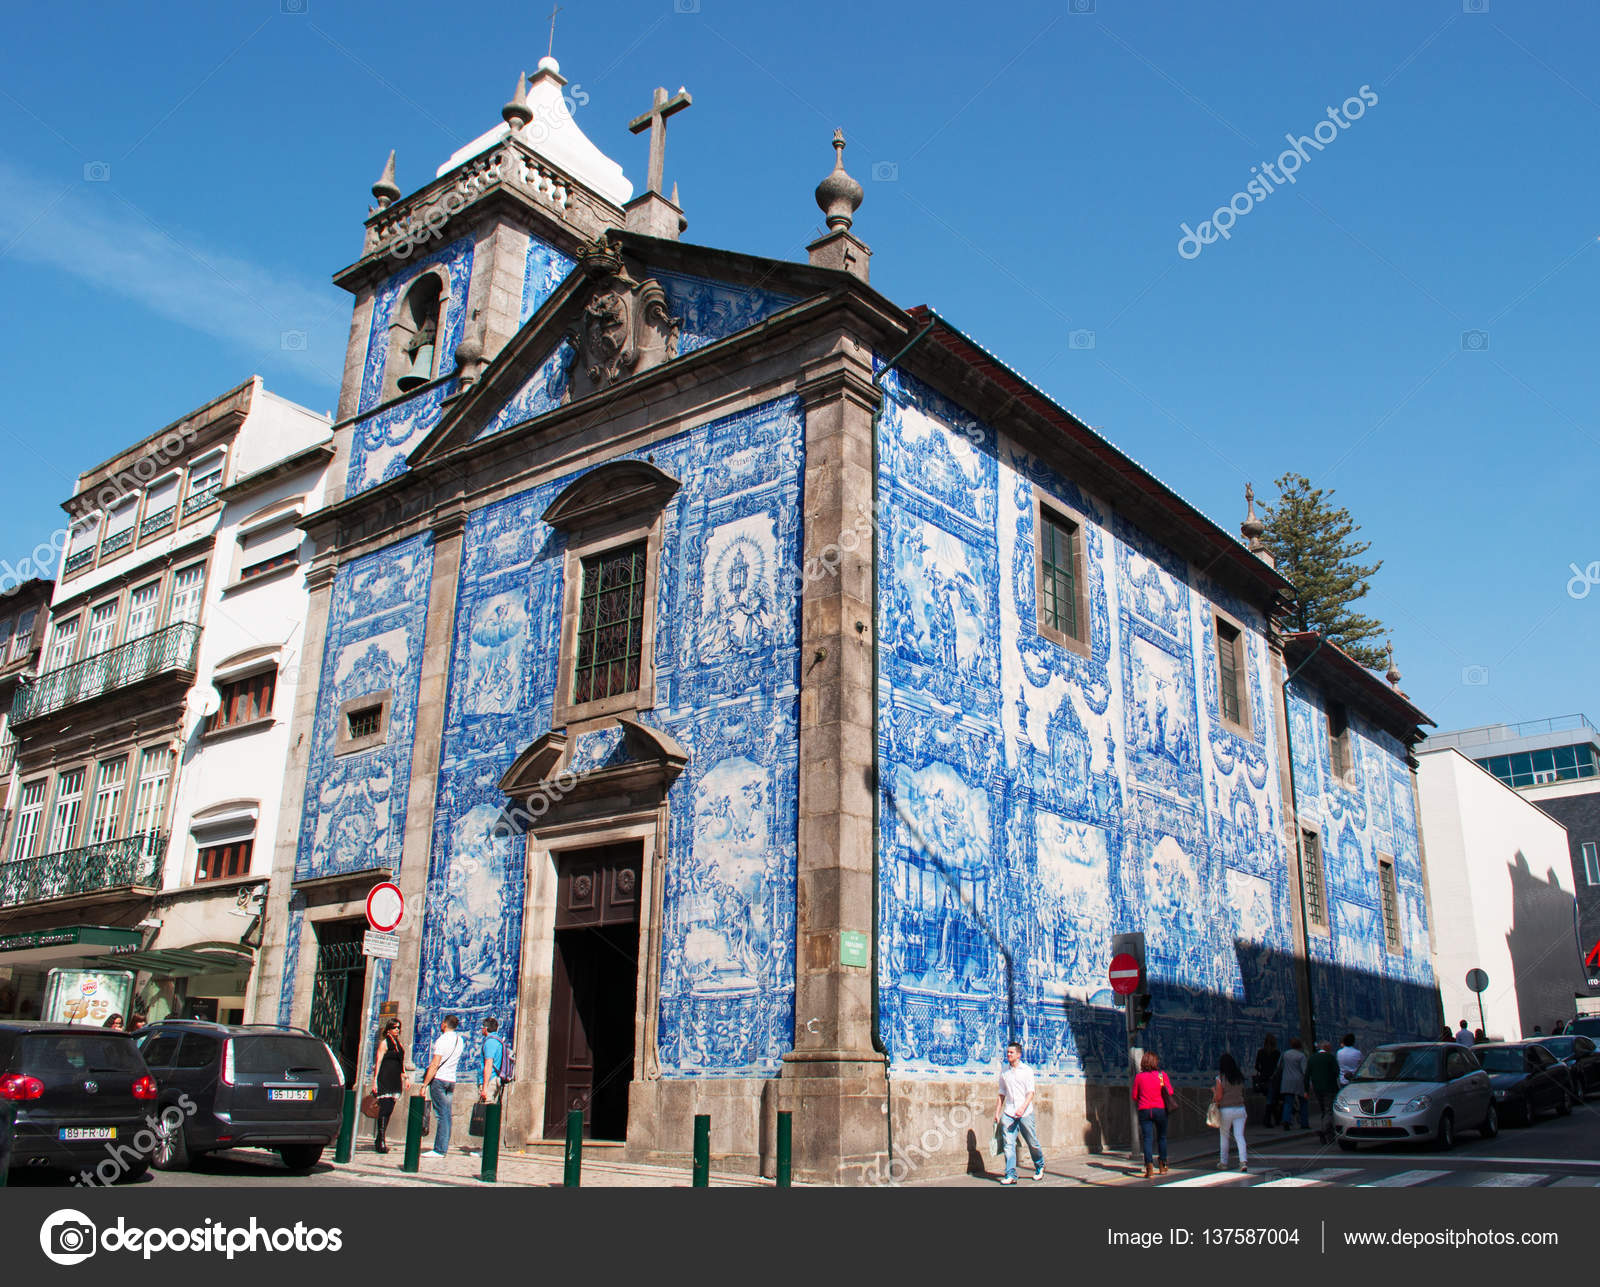 Portogallo capela das almas cappella delle anime o cappella